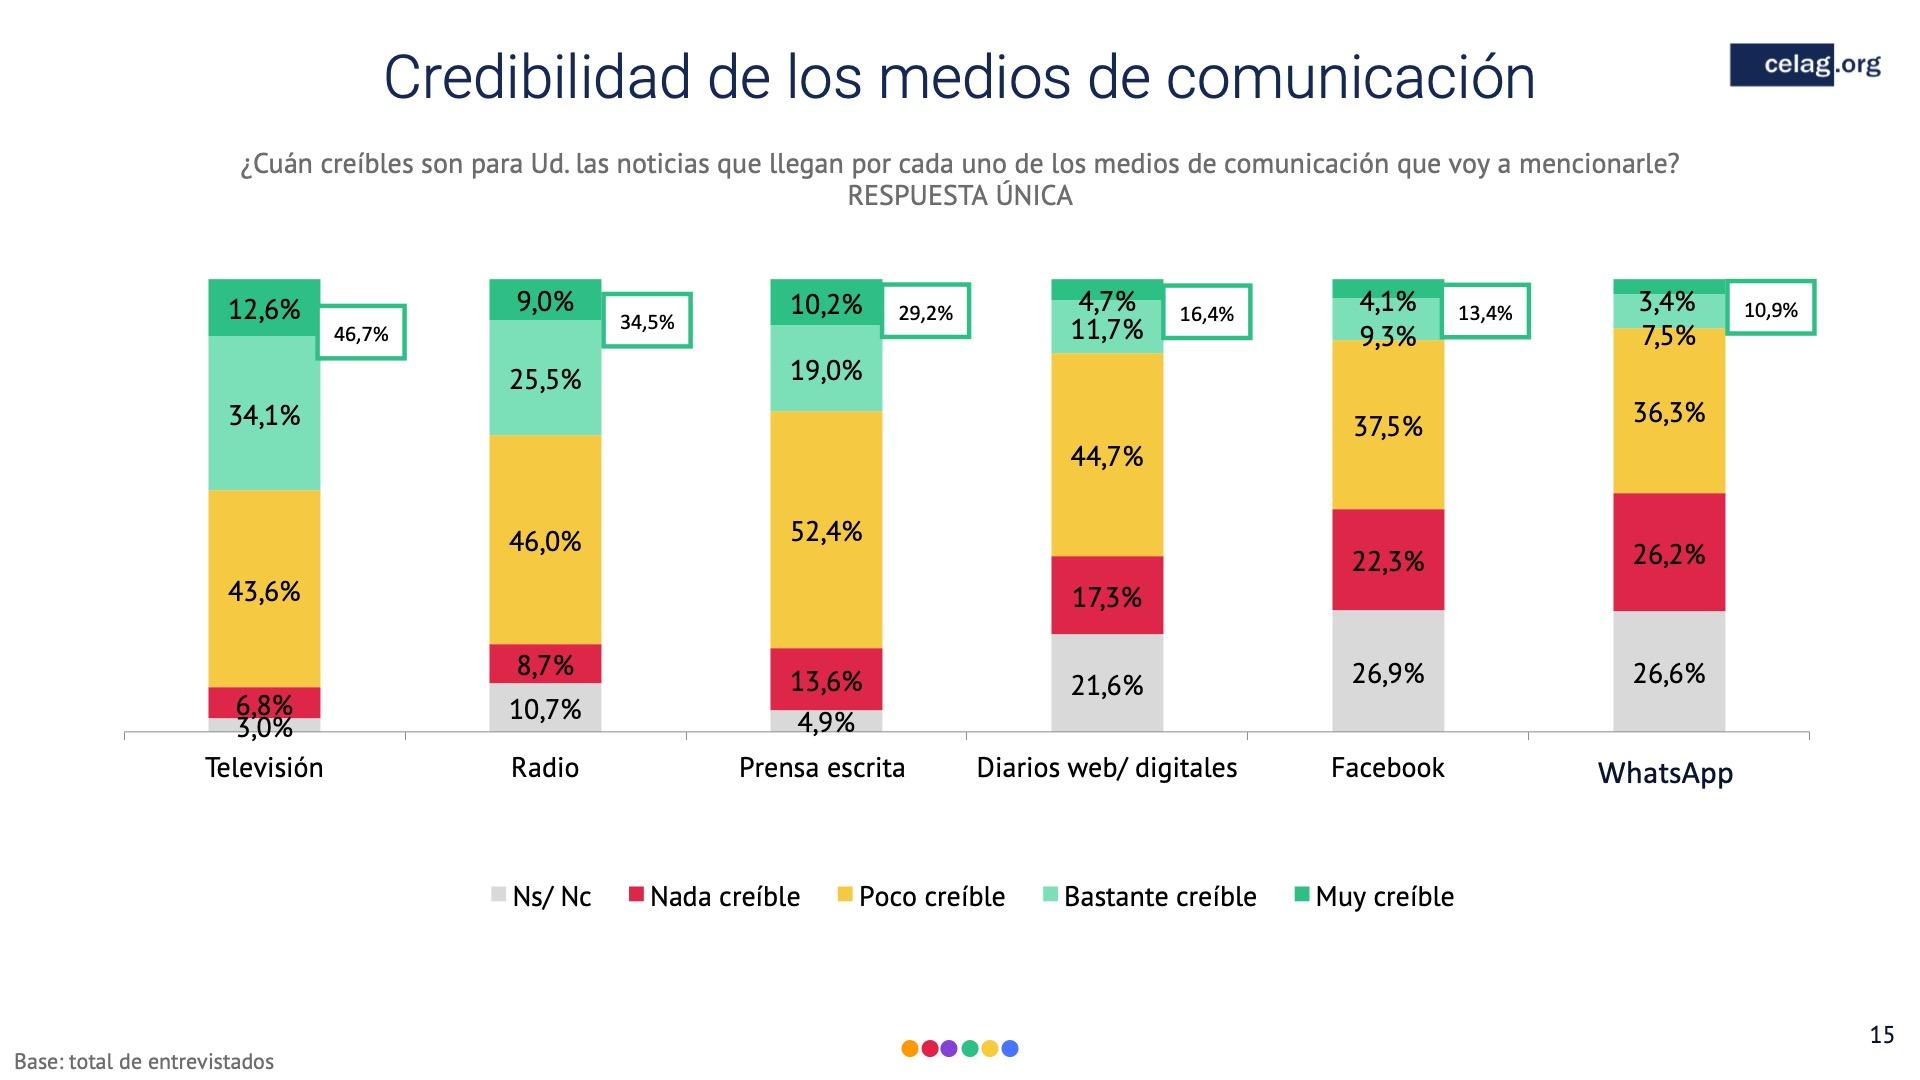 15 Elecciones bolivia credibilidad de medios